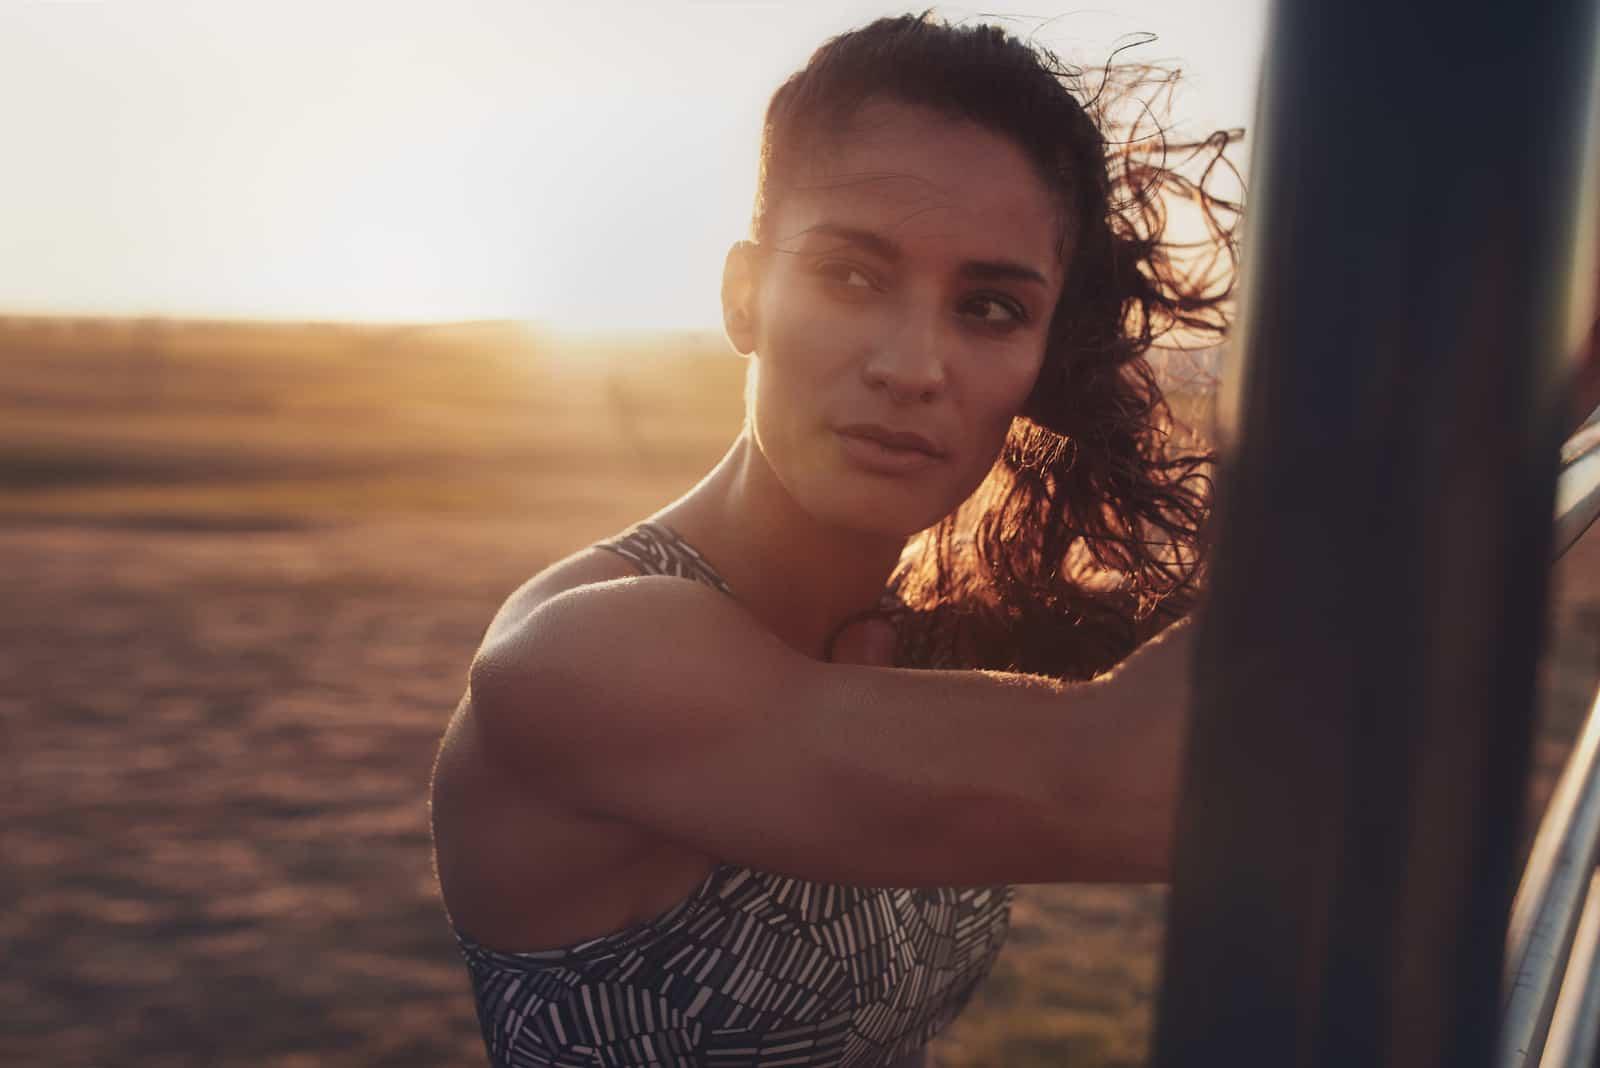 ein Porträt einer entschlossenen Frau bei Sonnenuntergang